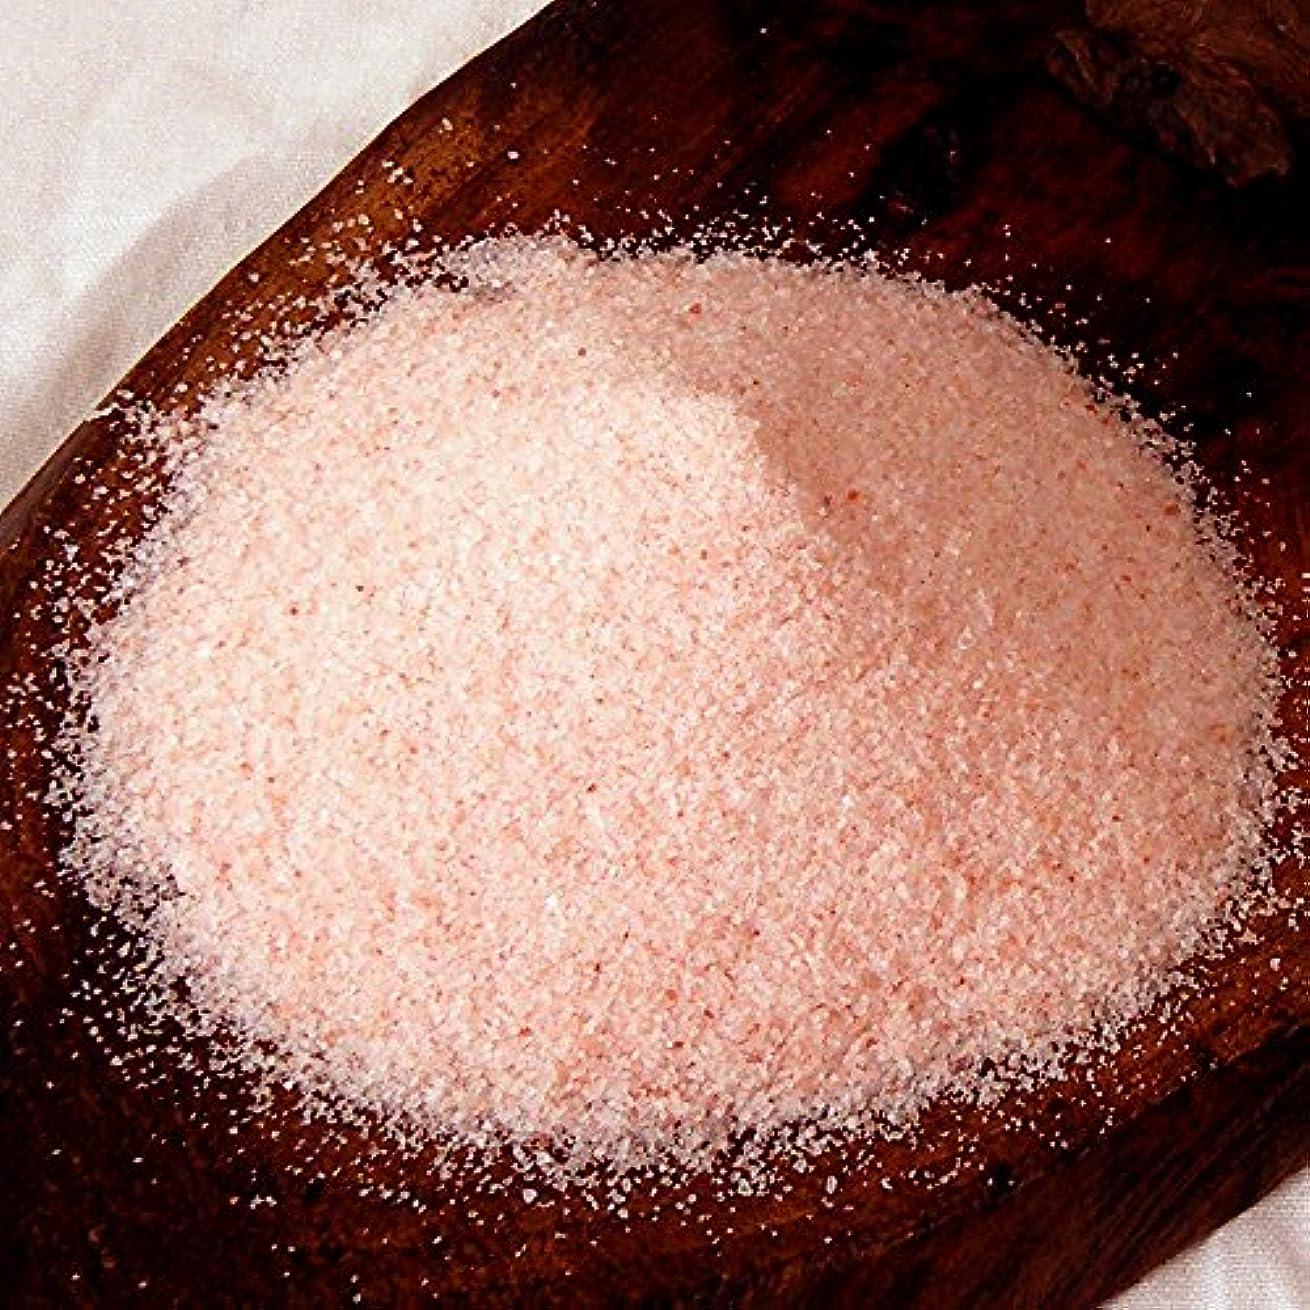 アルコール速度限界ヒマラヤ岩塩 バスソルト ローズソルト 溶けやすい細粒タイプ 5kg 塩洗顔にも 【保管に便利な1kg×5パック】